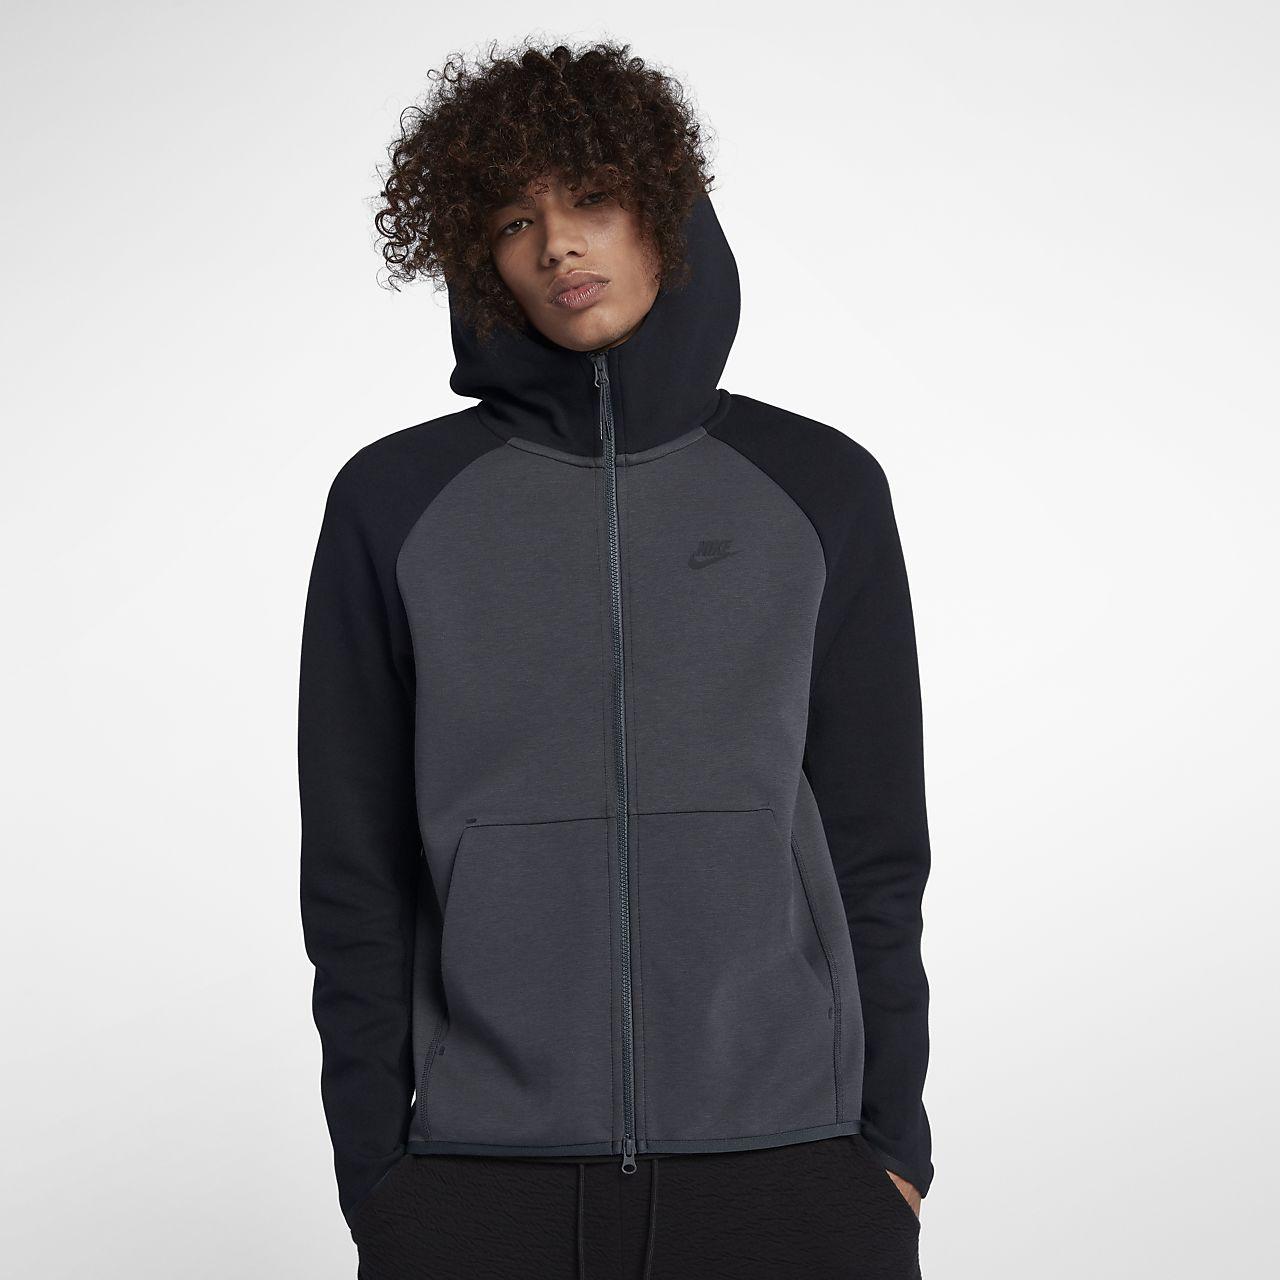 1a0c35830648 Nike Sportswear Tech Fleece Men s Full-Zip Hoodie. Nike.com DK